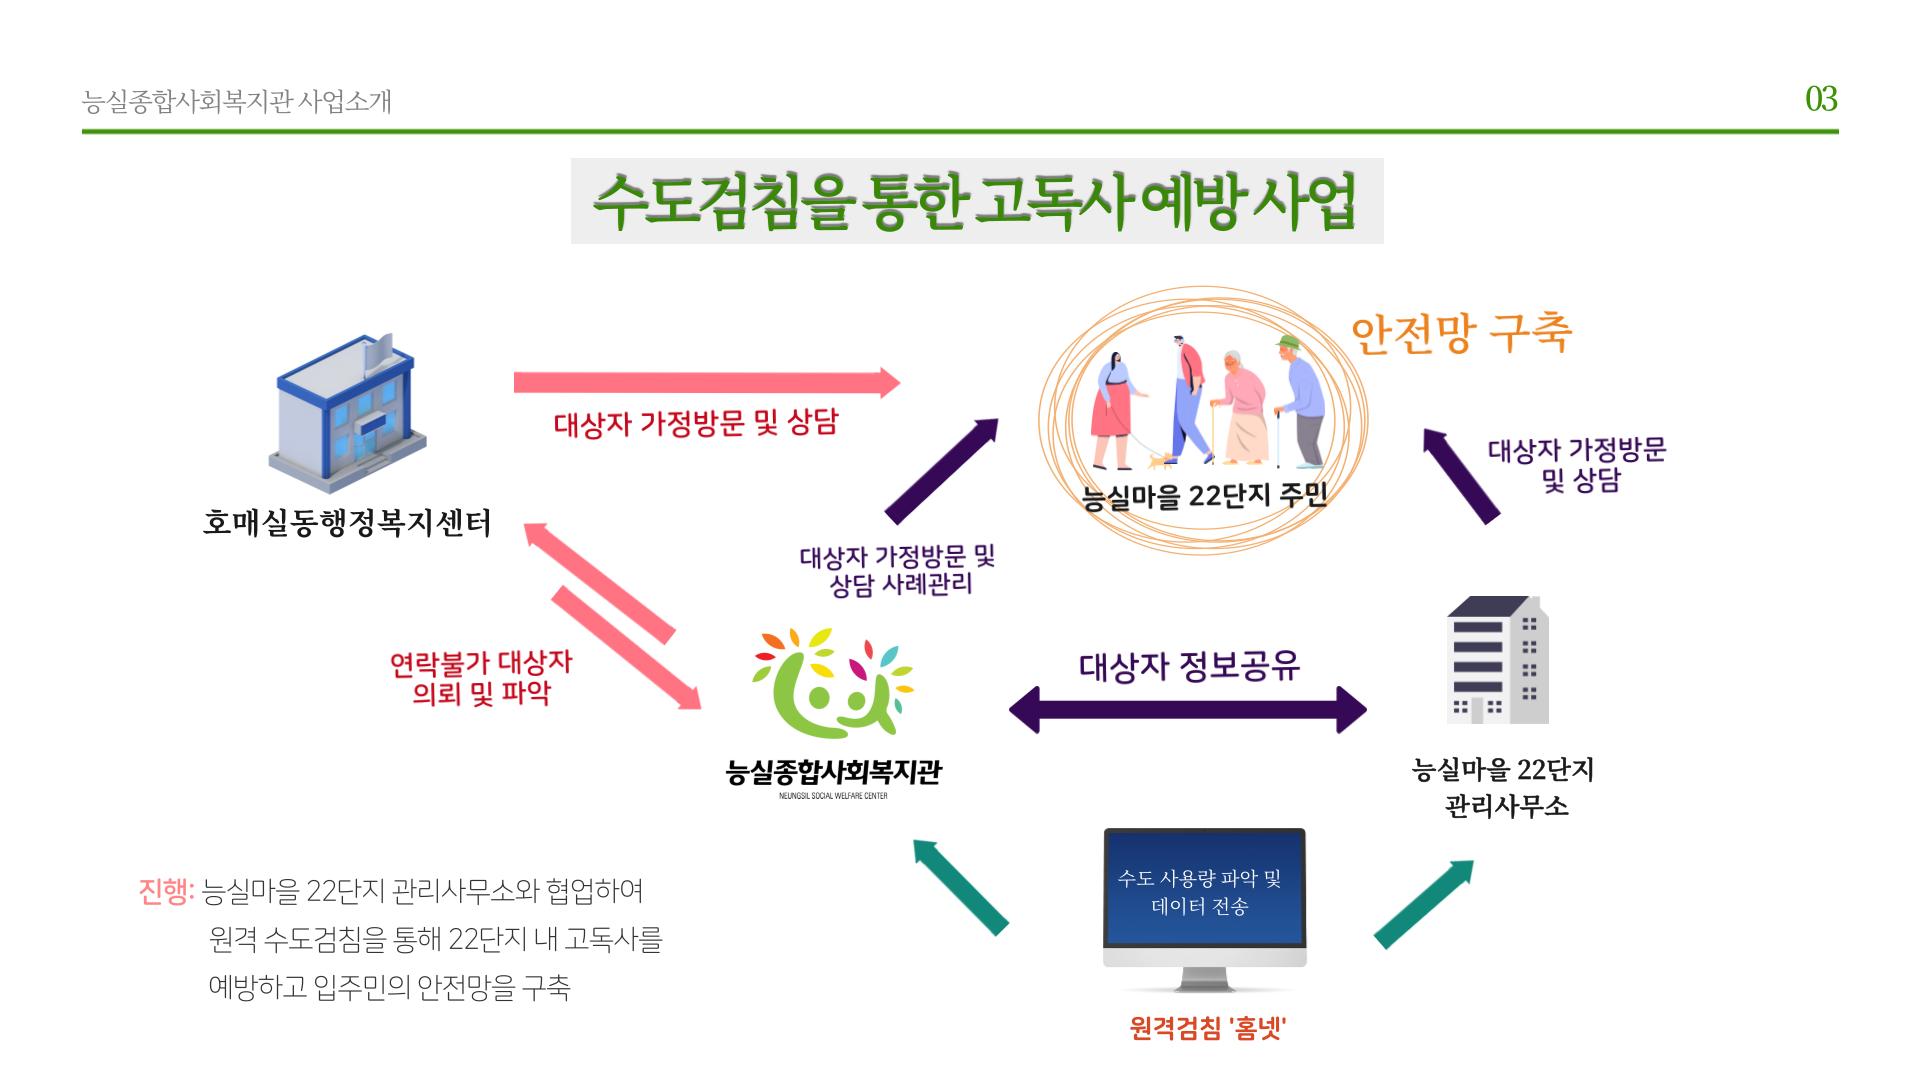 우복소_능실종합사회복지관-3.png